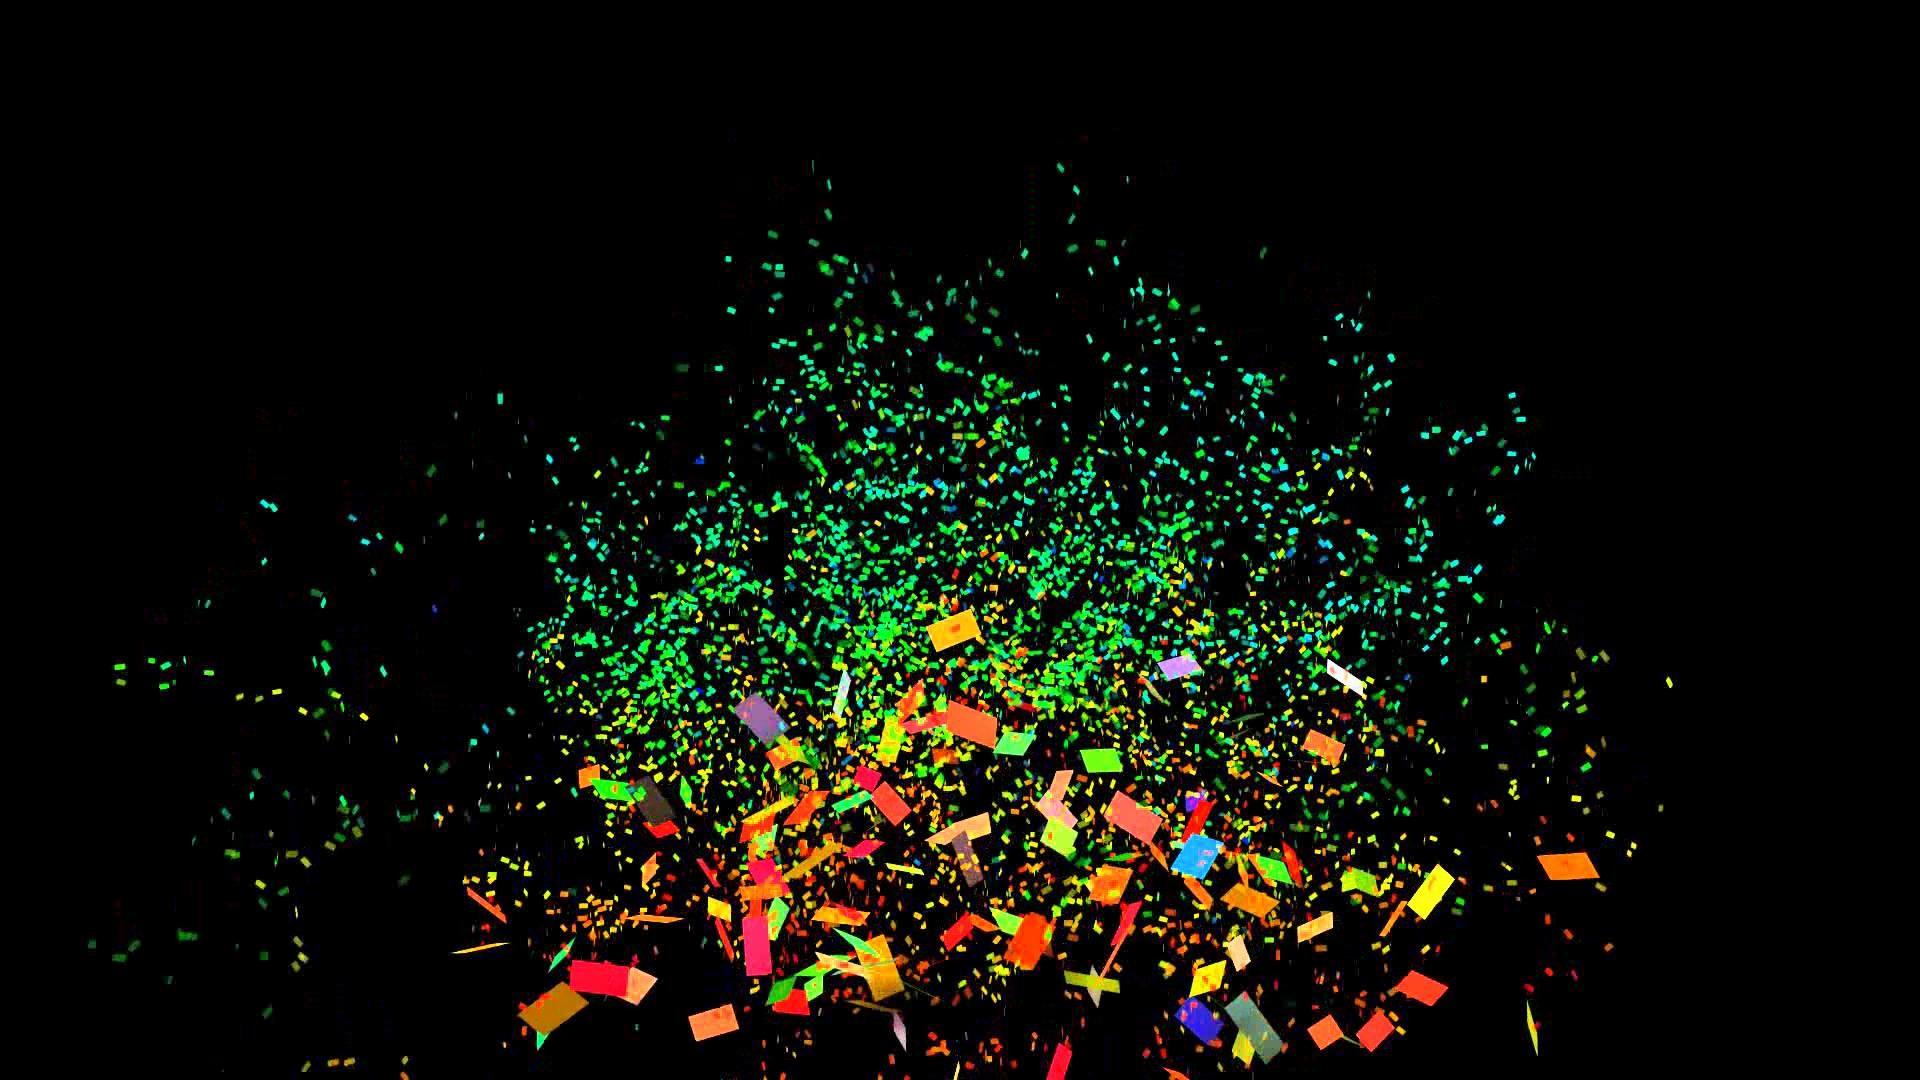 -2 – Confetti cannon 1080p full hd, confetti with black background – YouTube